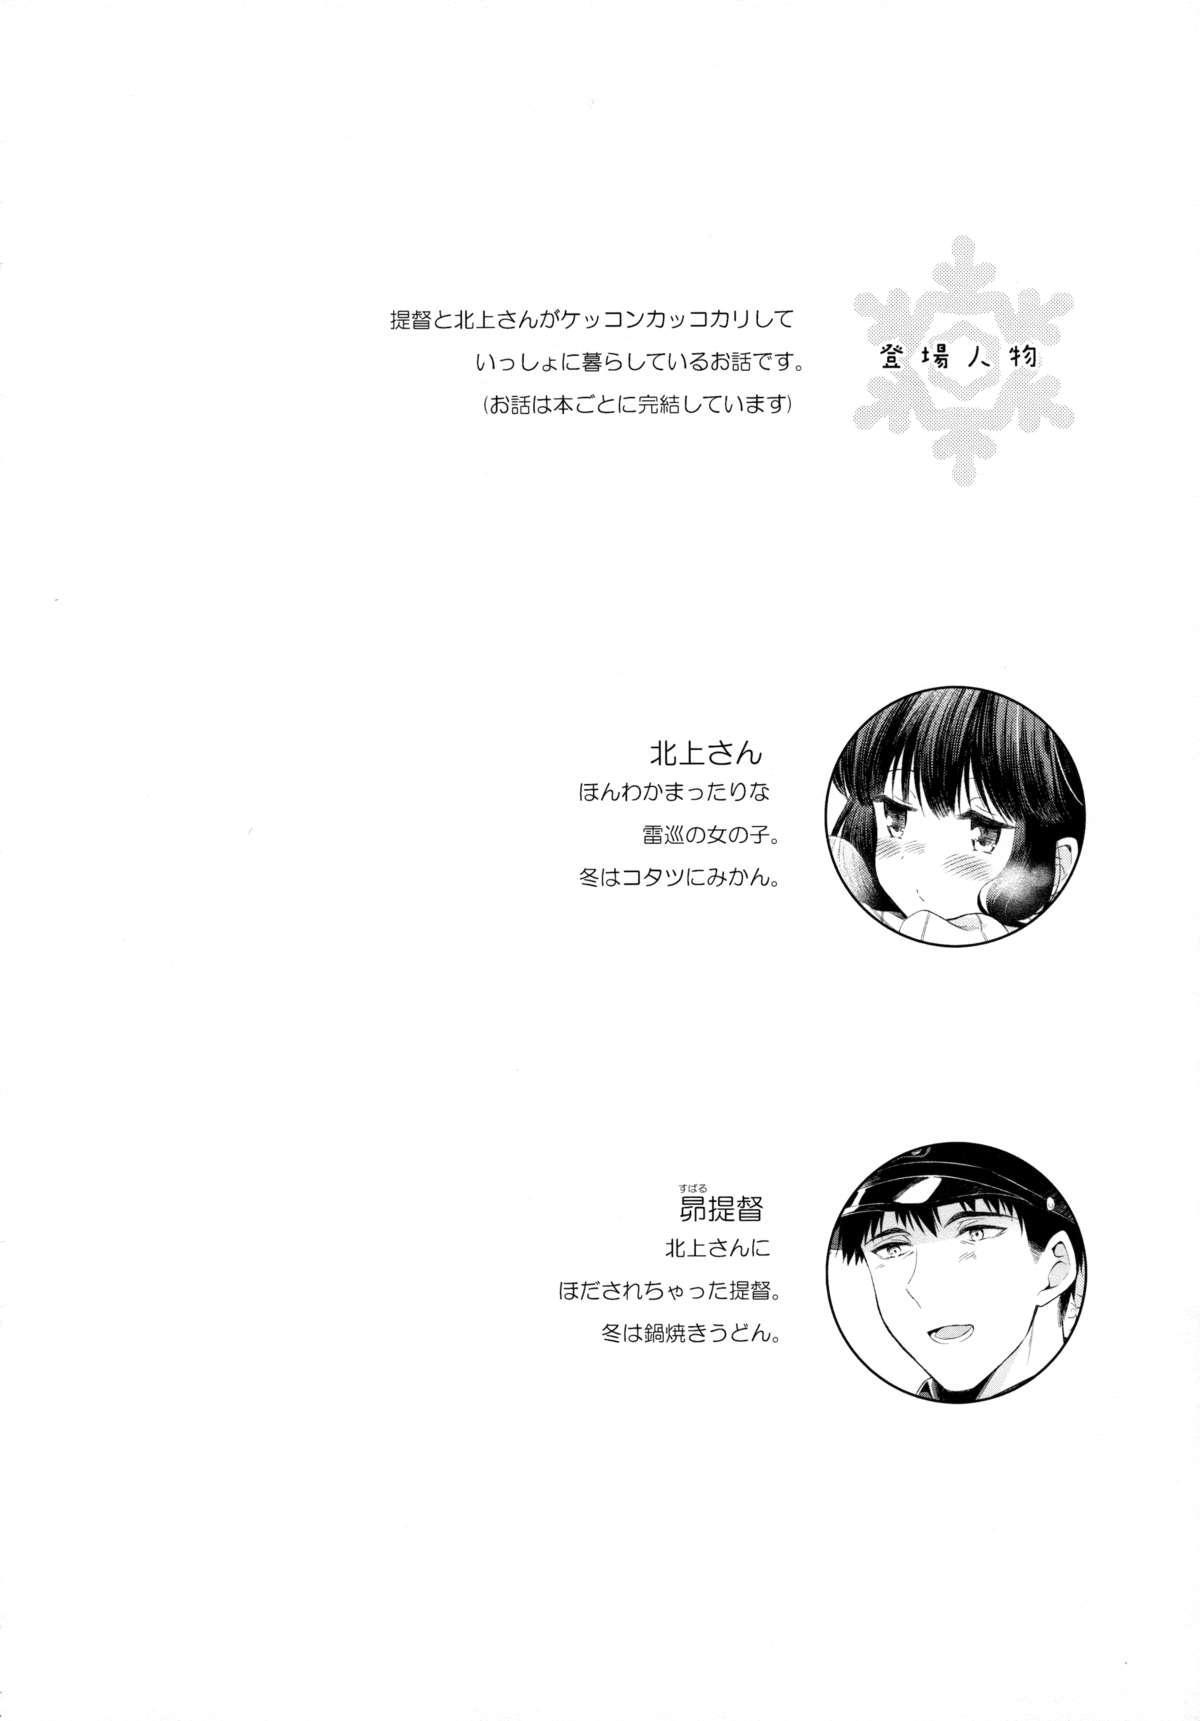 Kitakami-san to Teitoku ga Zutto Issho ni Kurasu Ohanashi. 2